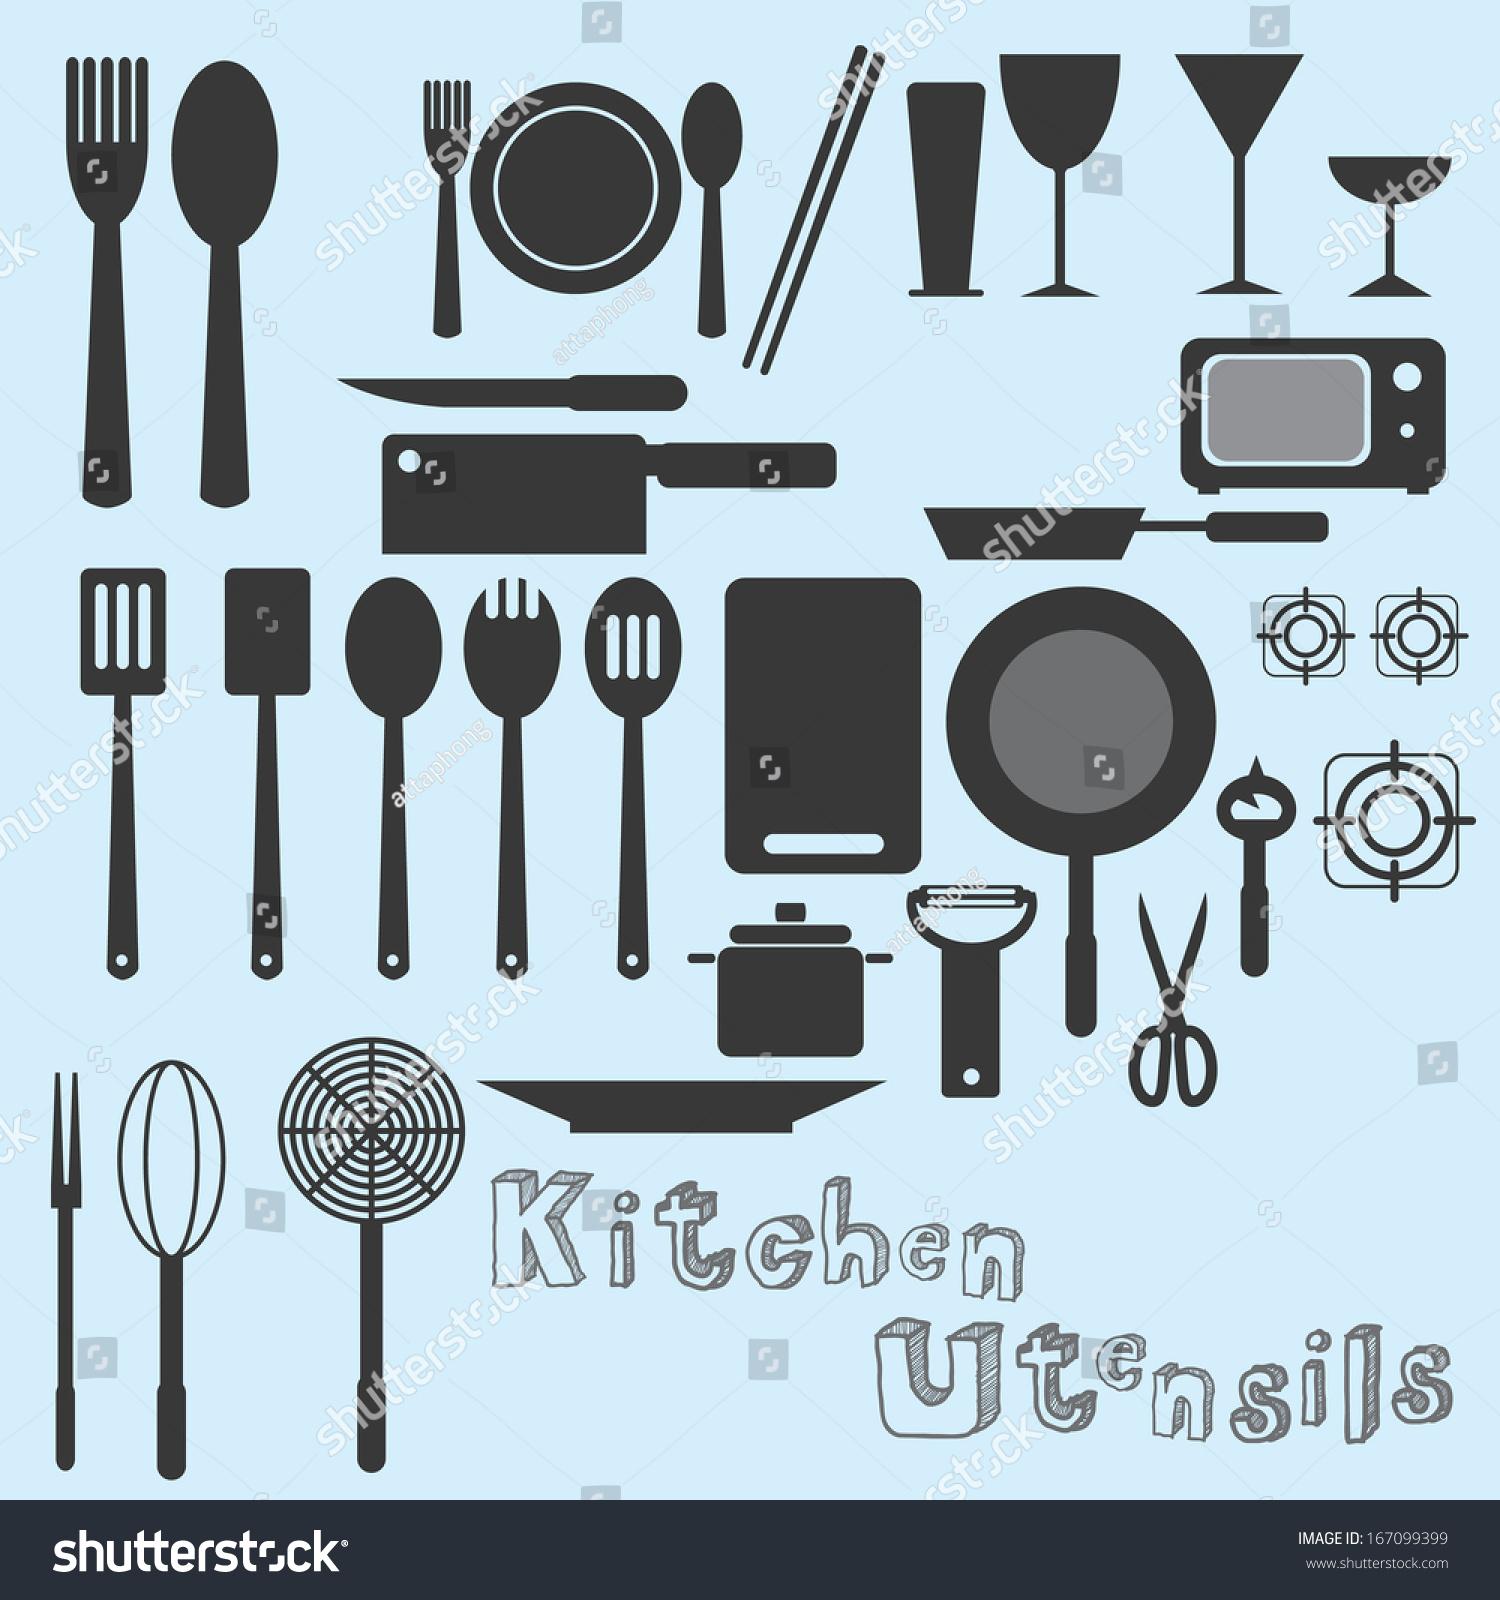 Kitchen Utensils Vector Stock Photo (Photo, Vector, Illustration ...